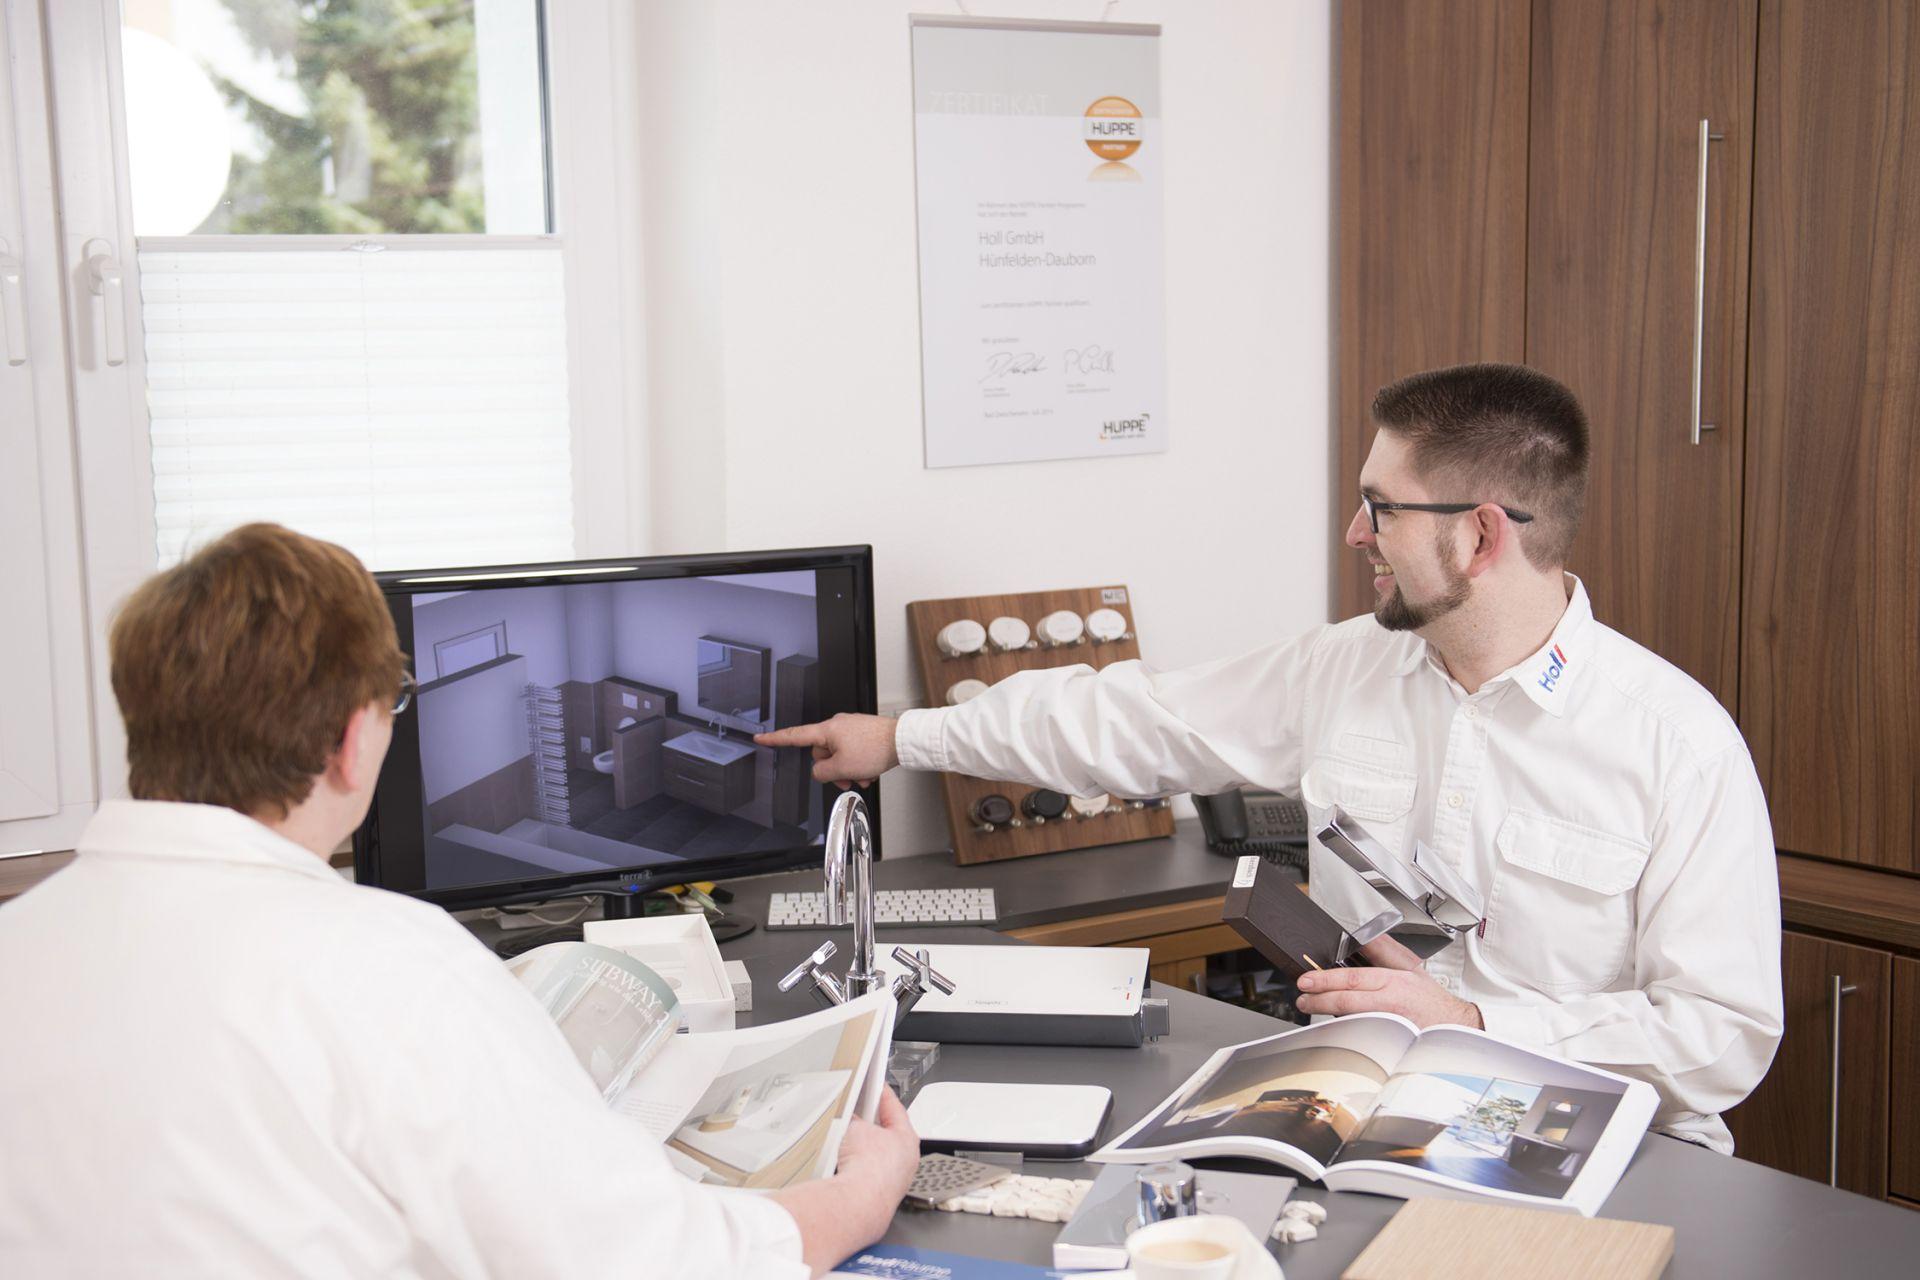 Businessfotografie-Businessporträts-Businesshooting-Firmenfotos-Mitarbeiterfotos-Arbeitssituationen-Architekturfotografie-Produktfotografie-Fotografie-Katharina-Müller-www.fotografie-km.de